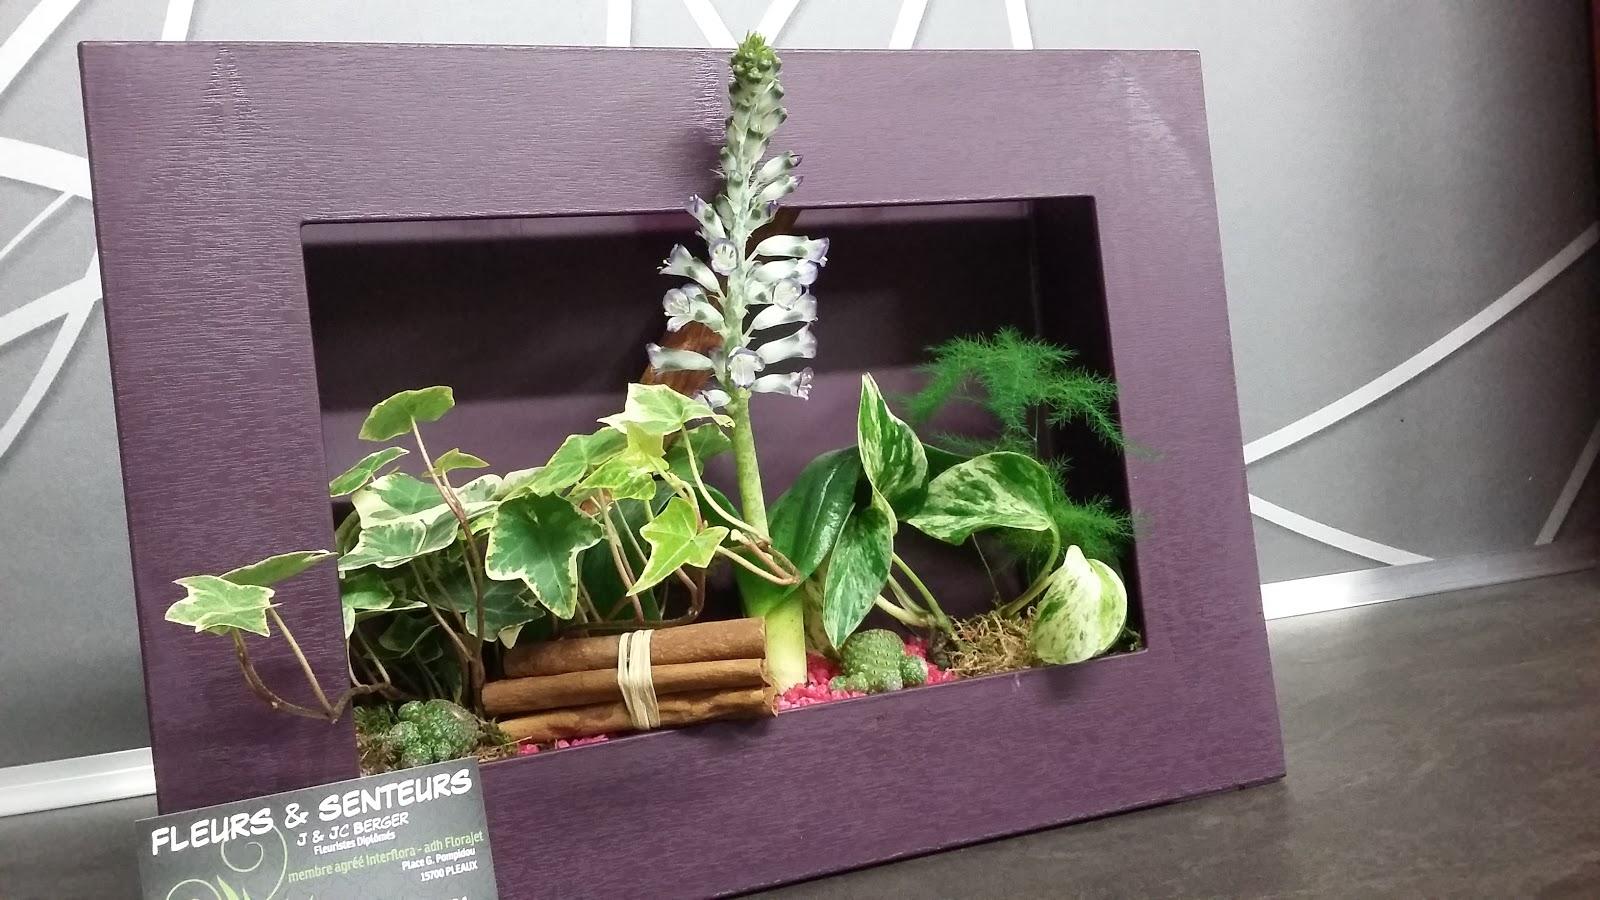 Fleurs et senteurs composition de plantes int rieur et for Plante interieur et exterieur